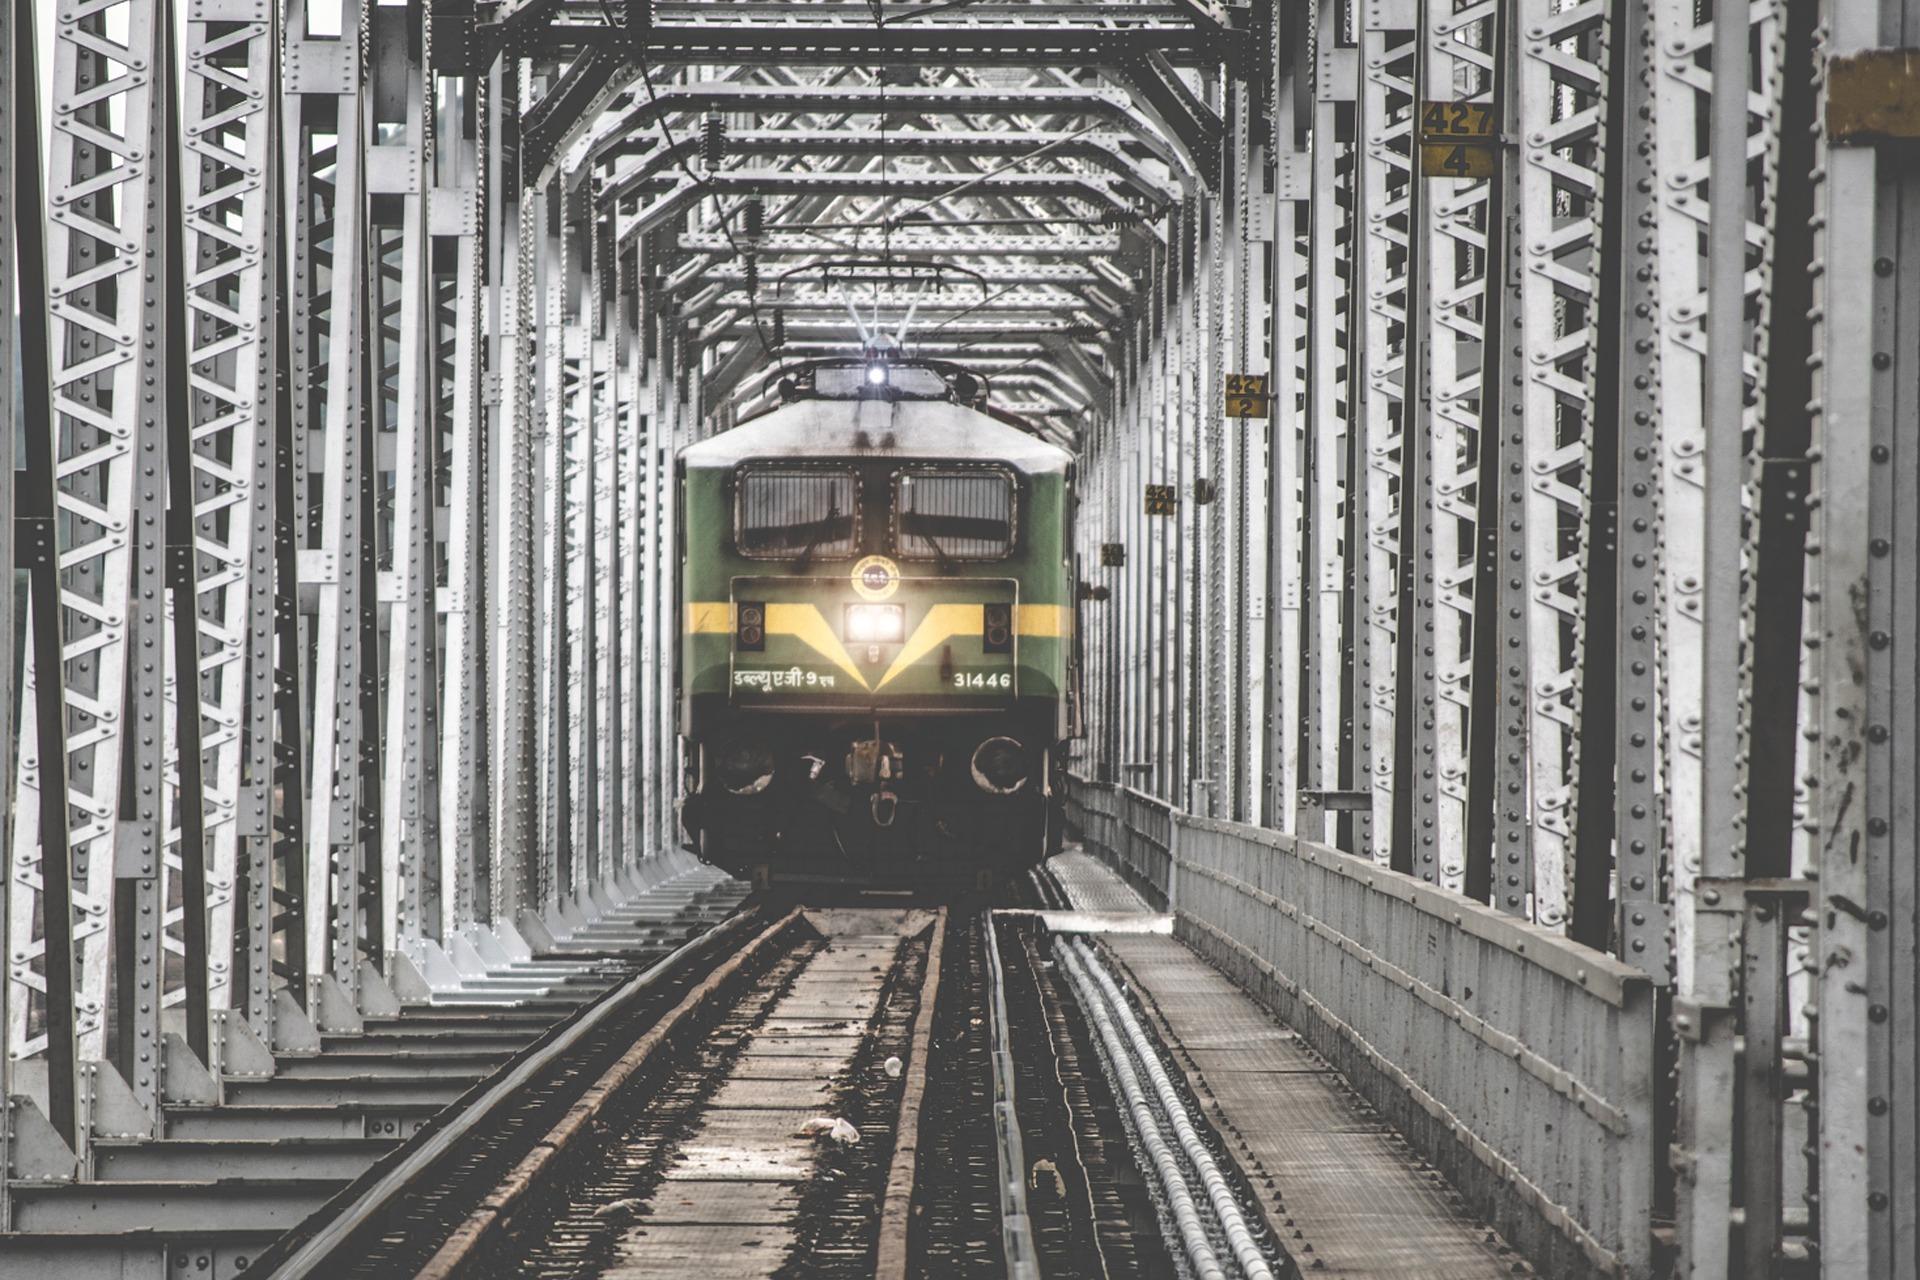 treno, Ponte, ferrovia, India, movimento - Sfondi HD - Professor-falken.com